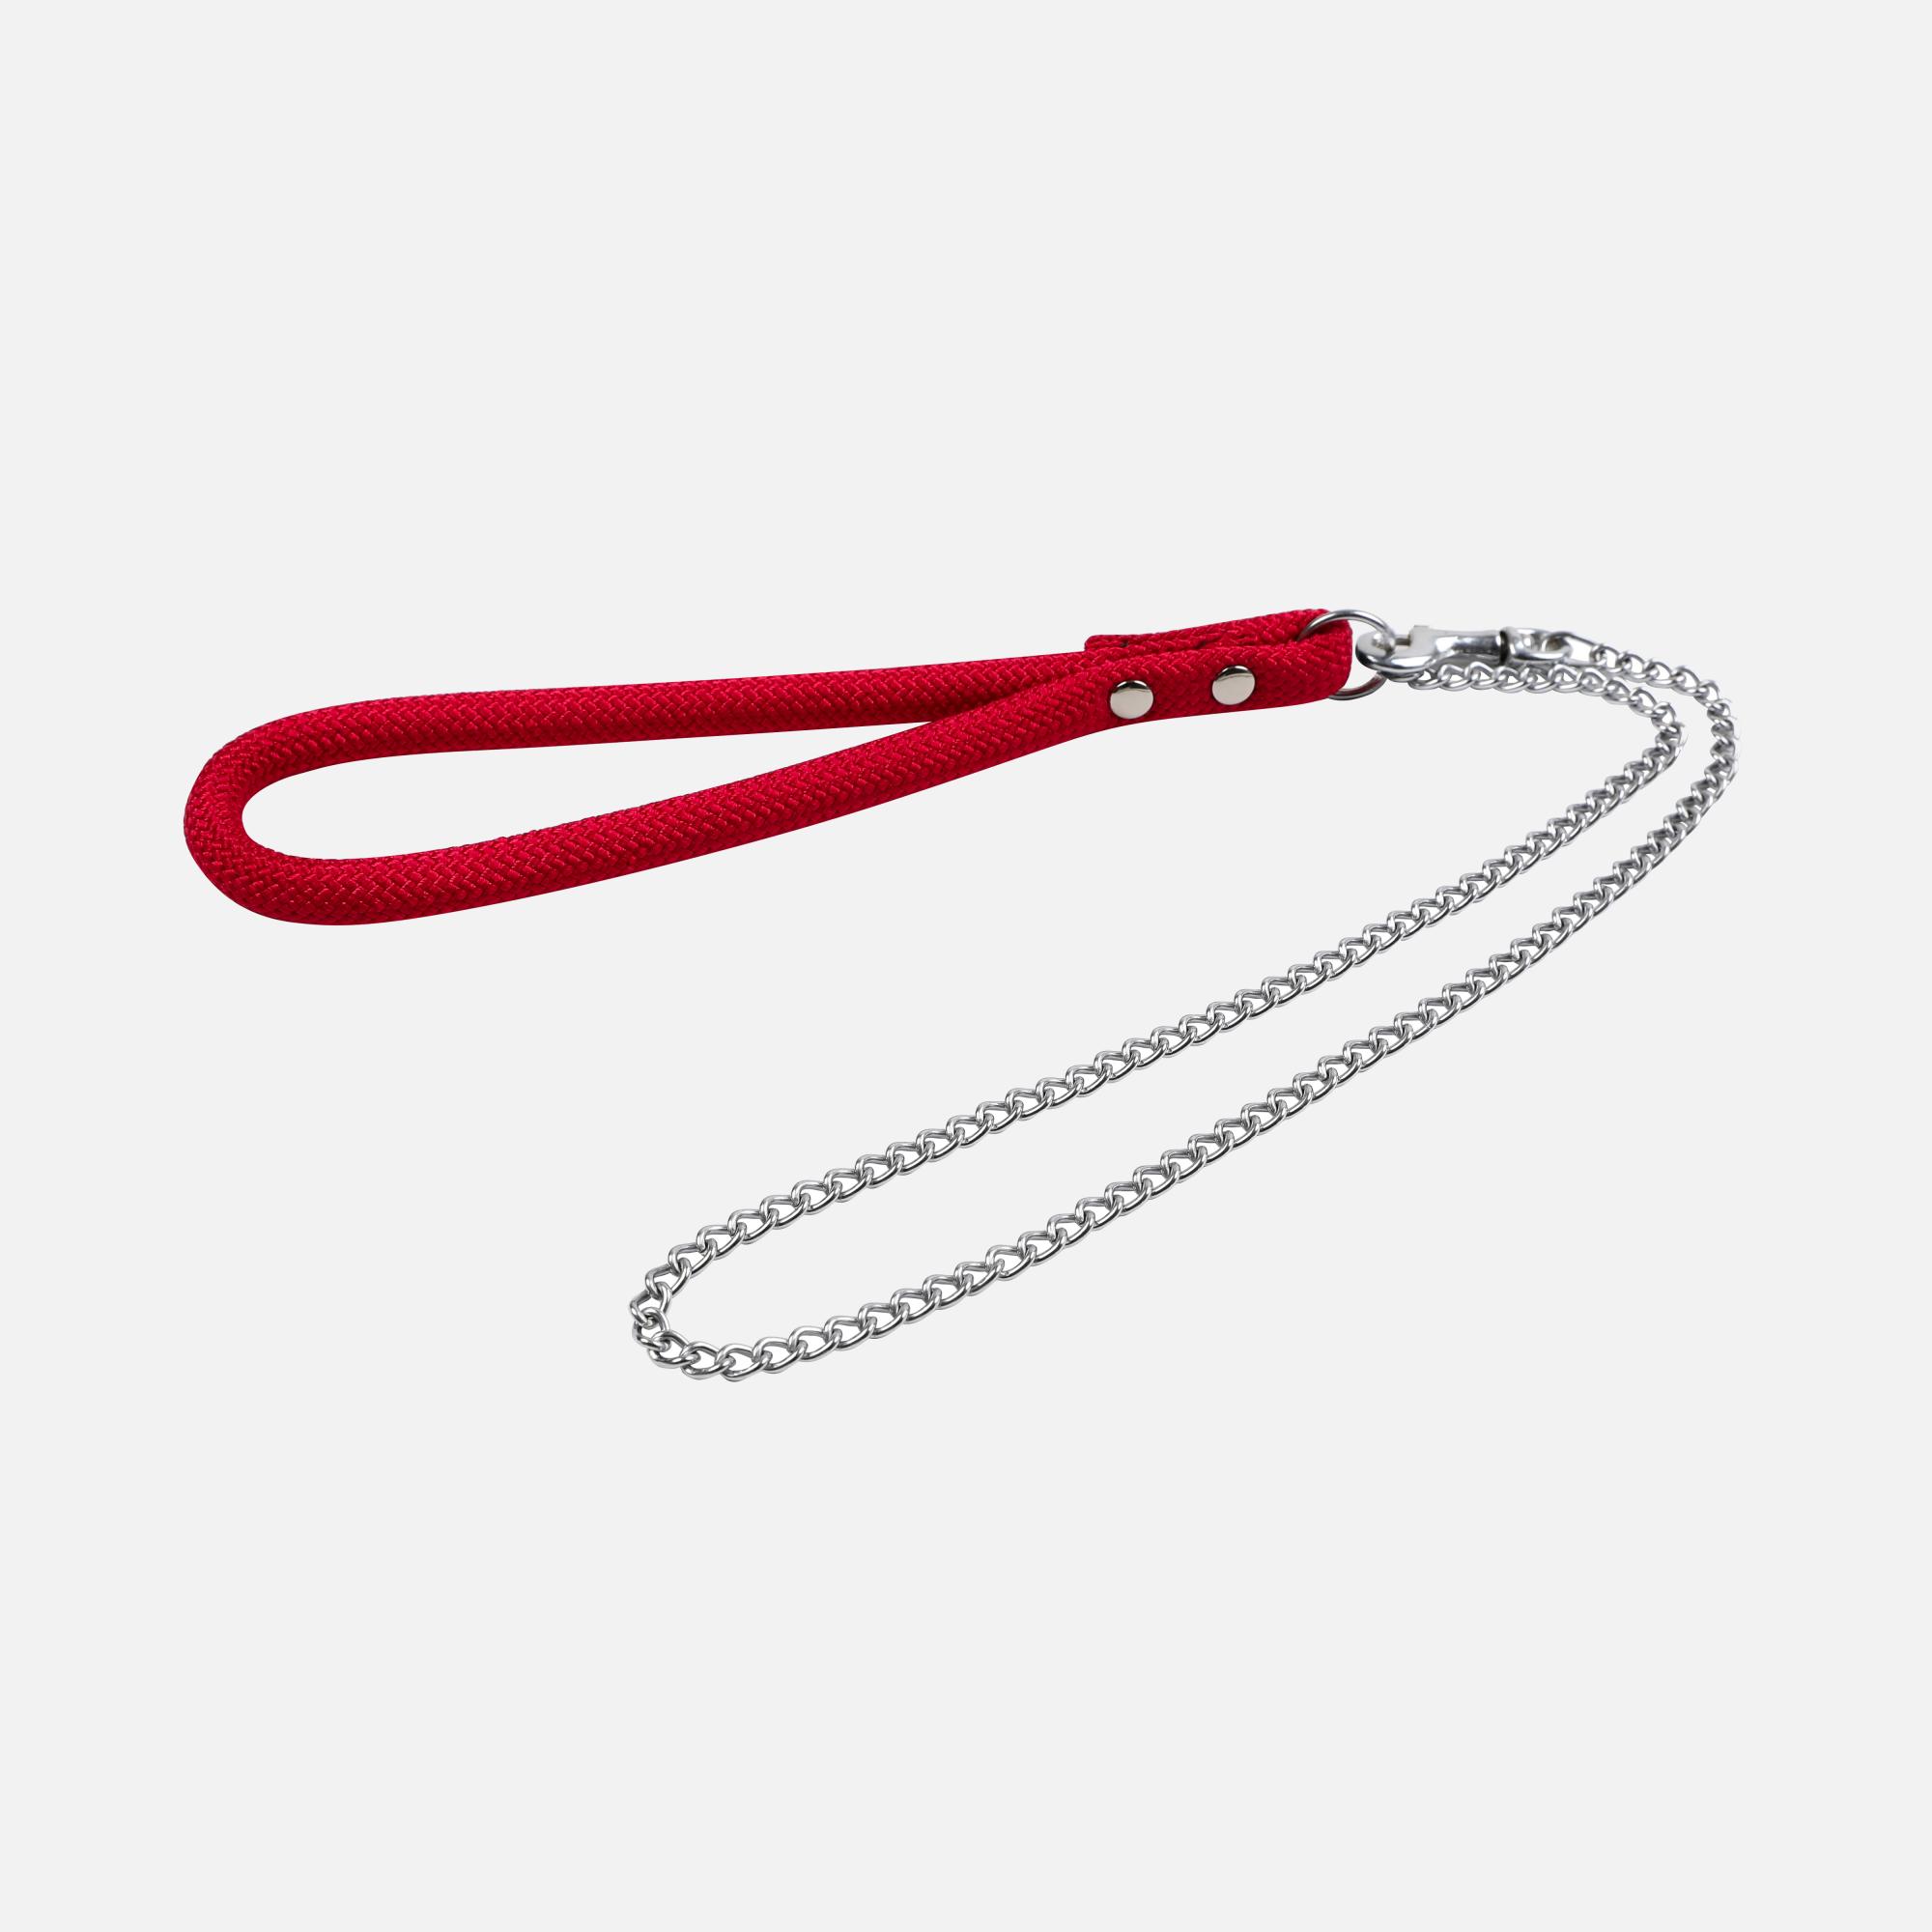 Laisse métal moyenne corde forte Rouge par Wouapy